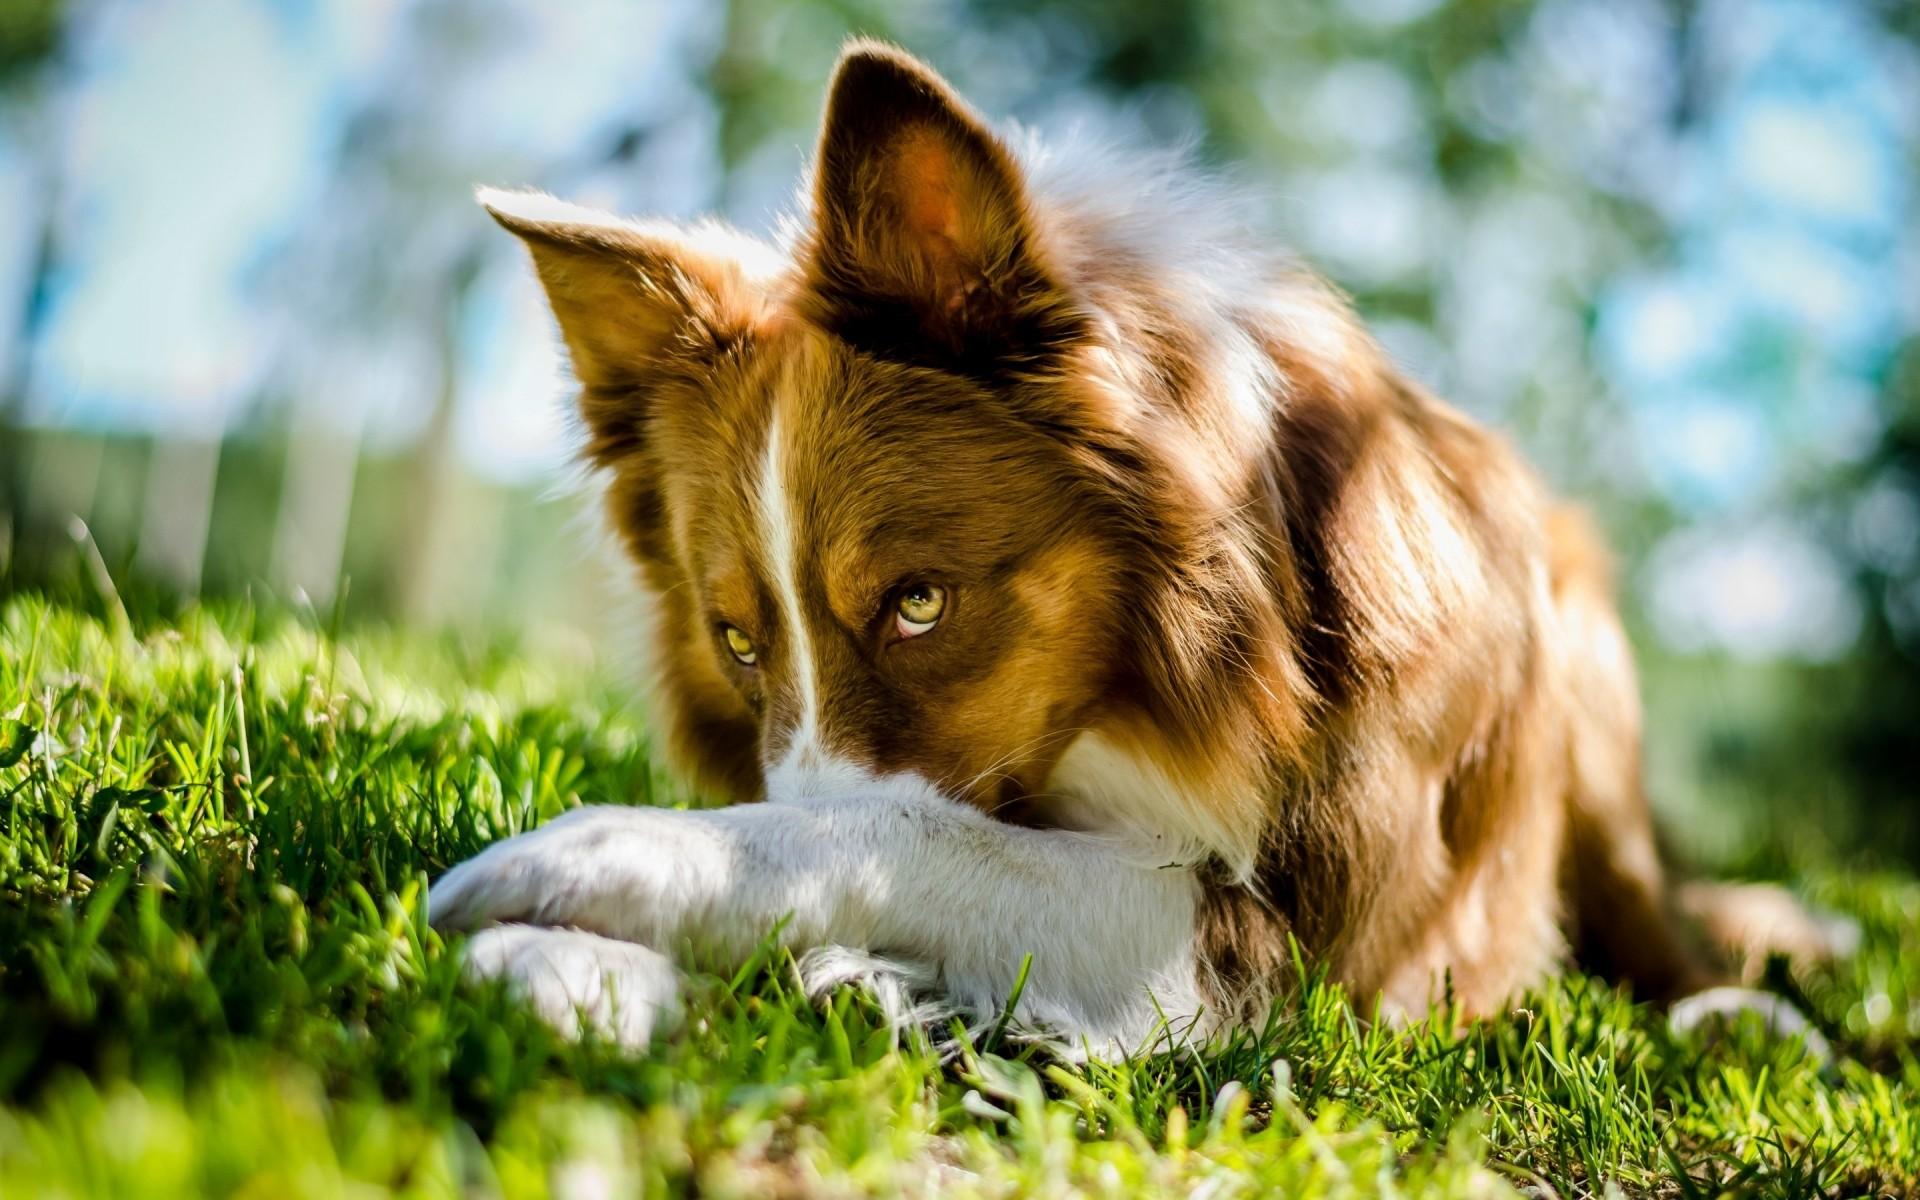 самые красивые собаки картинки на обои как описывает лот